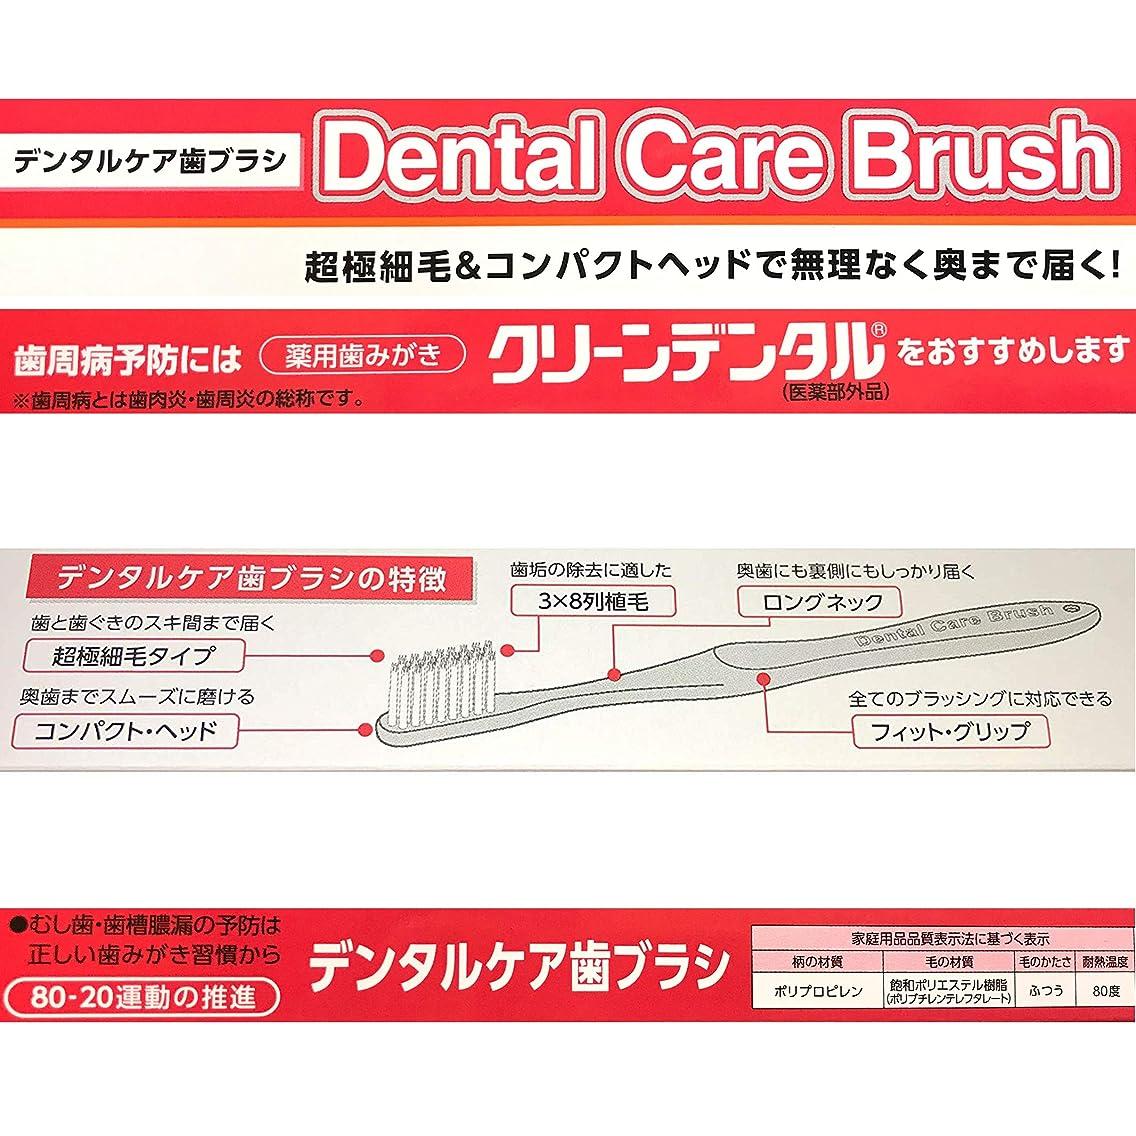 仕出します遮る欠陥【数量限定】超極細毛&コンパクトヘッド デンタルケア歯ブラシ (3本)